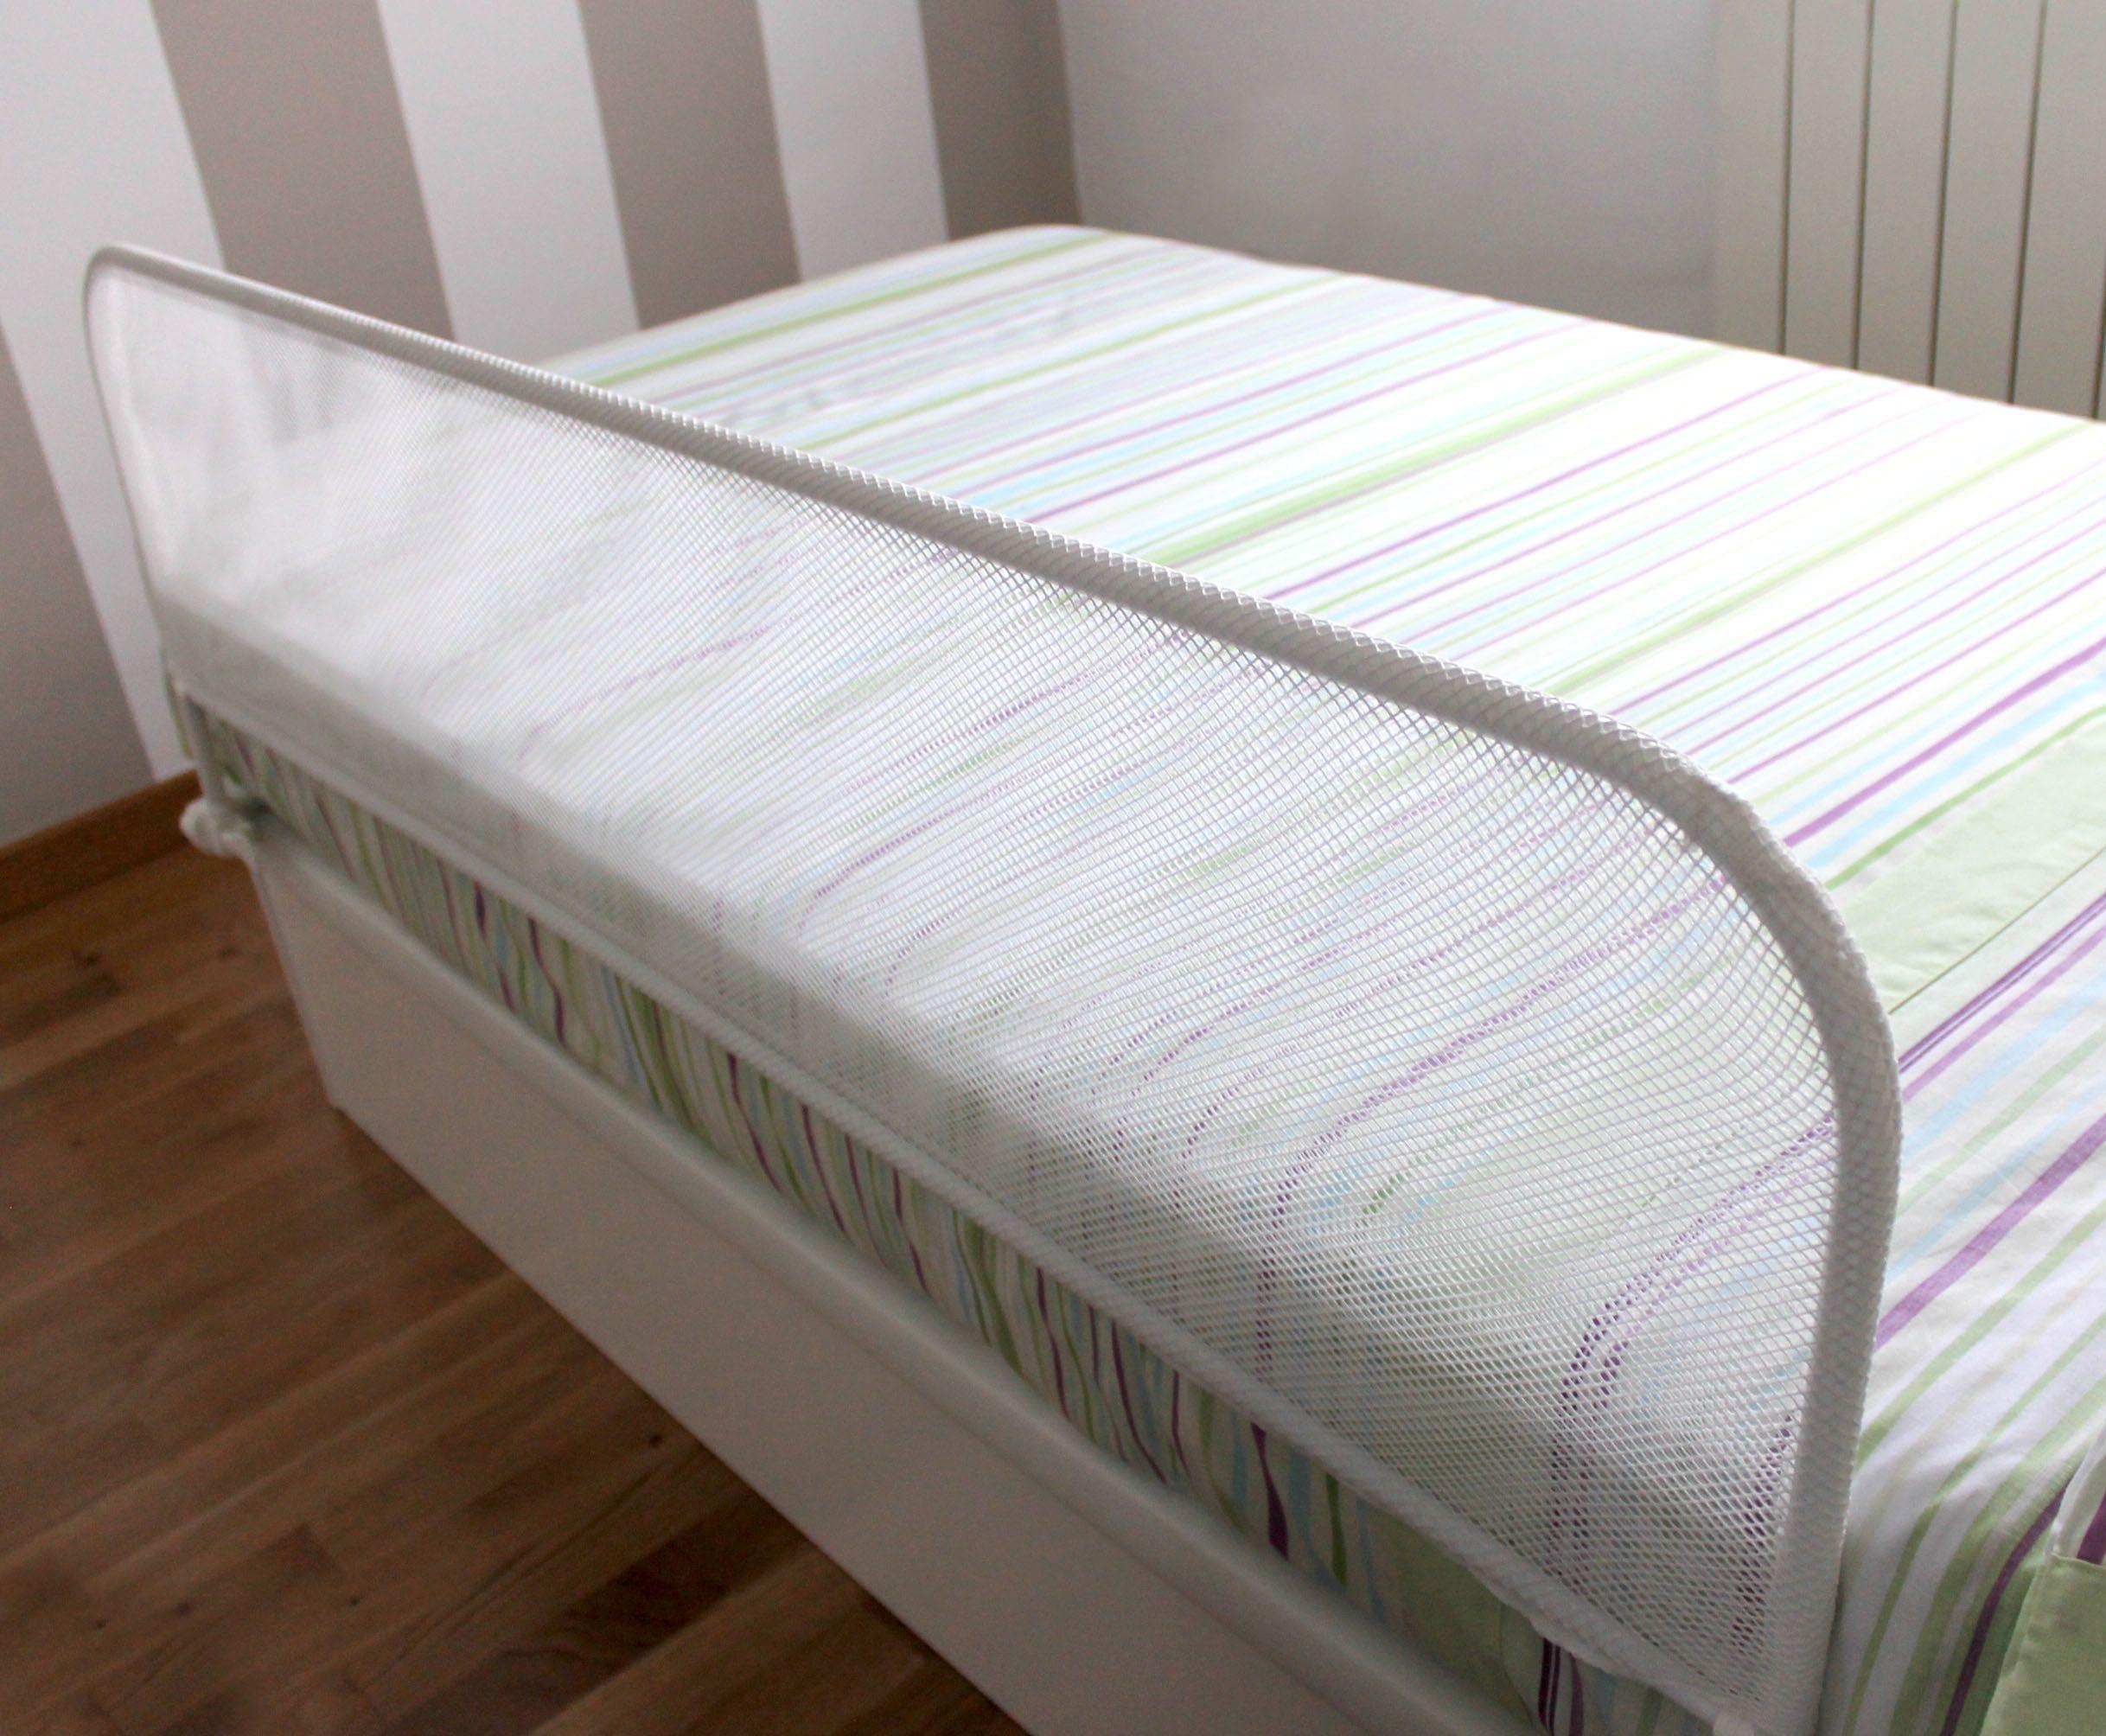 Barreras para camas de seguridad en en Yecla